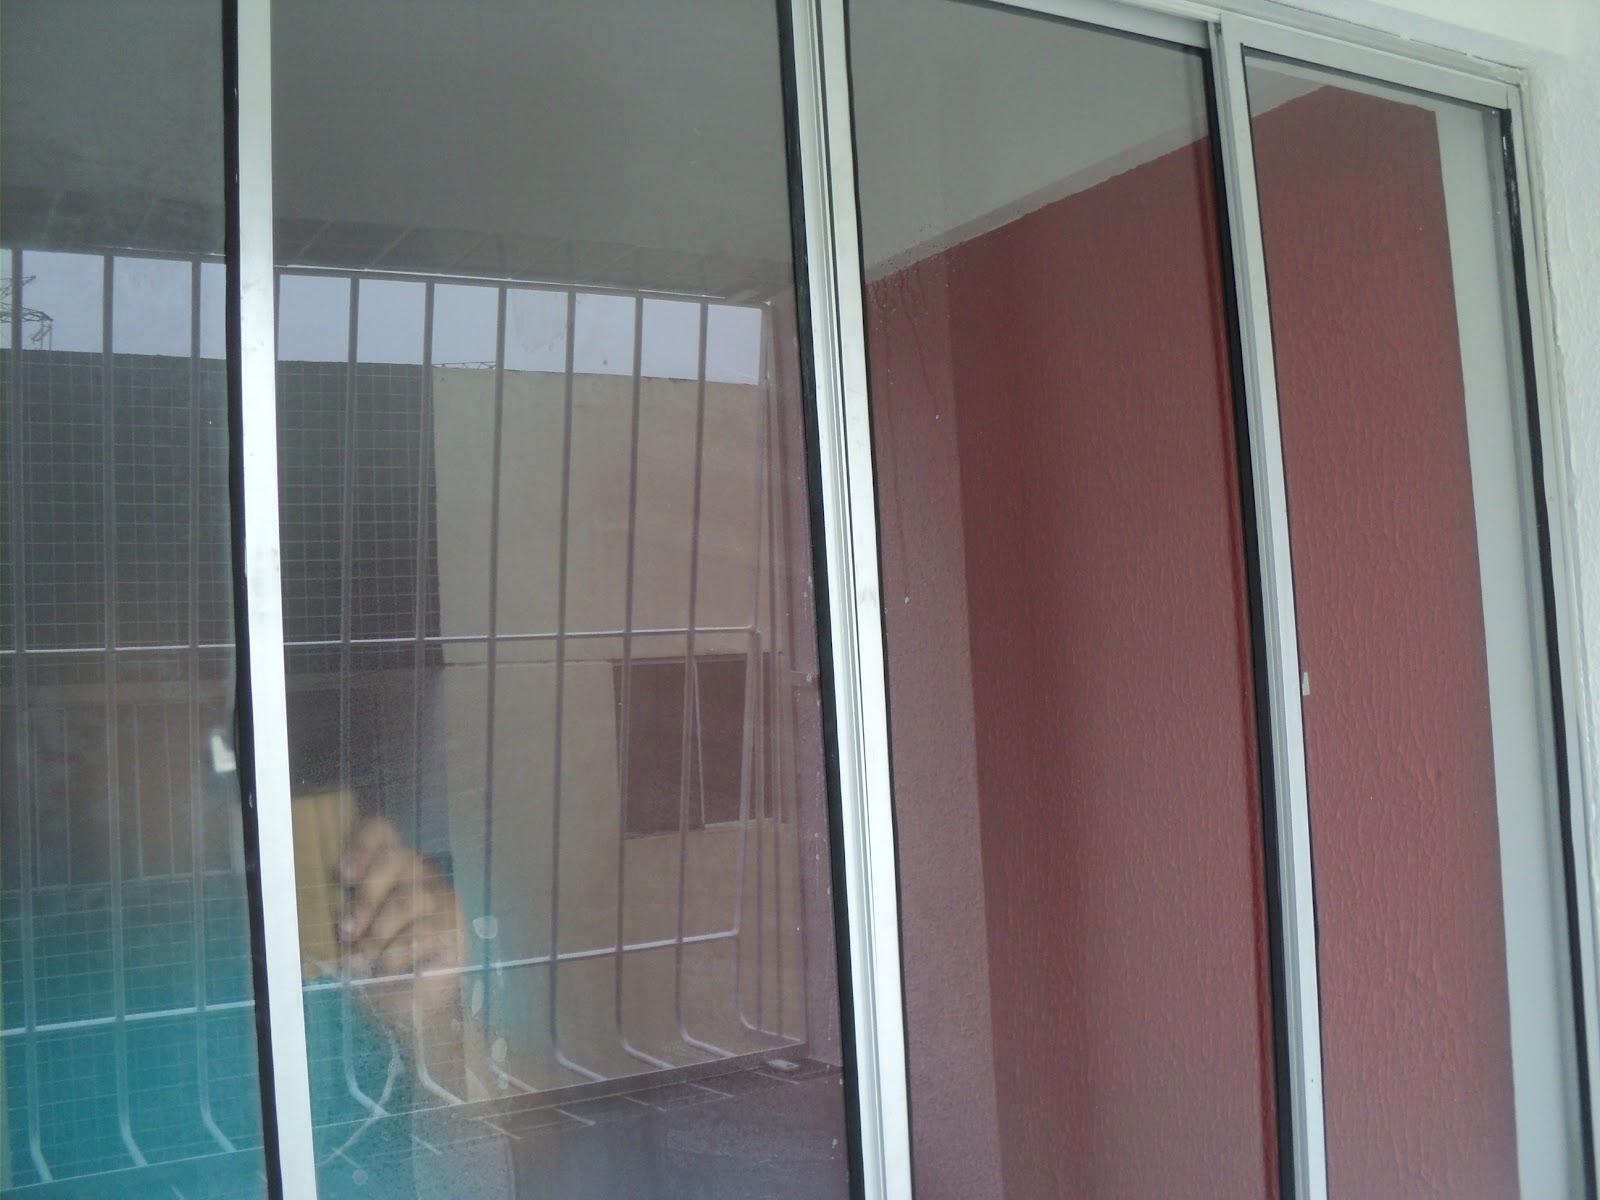 #436970 adesivo jateado em janela (efeito de vidro fosco) em Camaragibe 736 Janelas Vidro Jateado